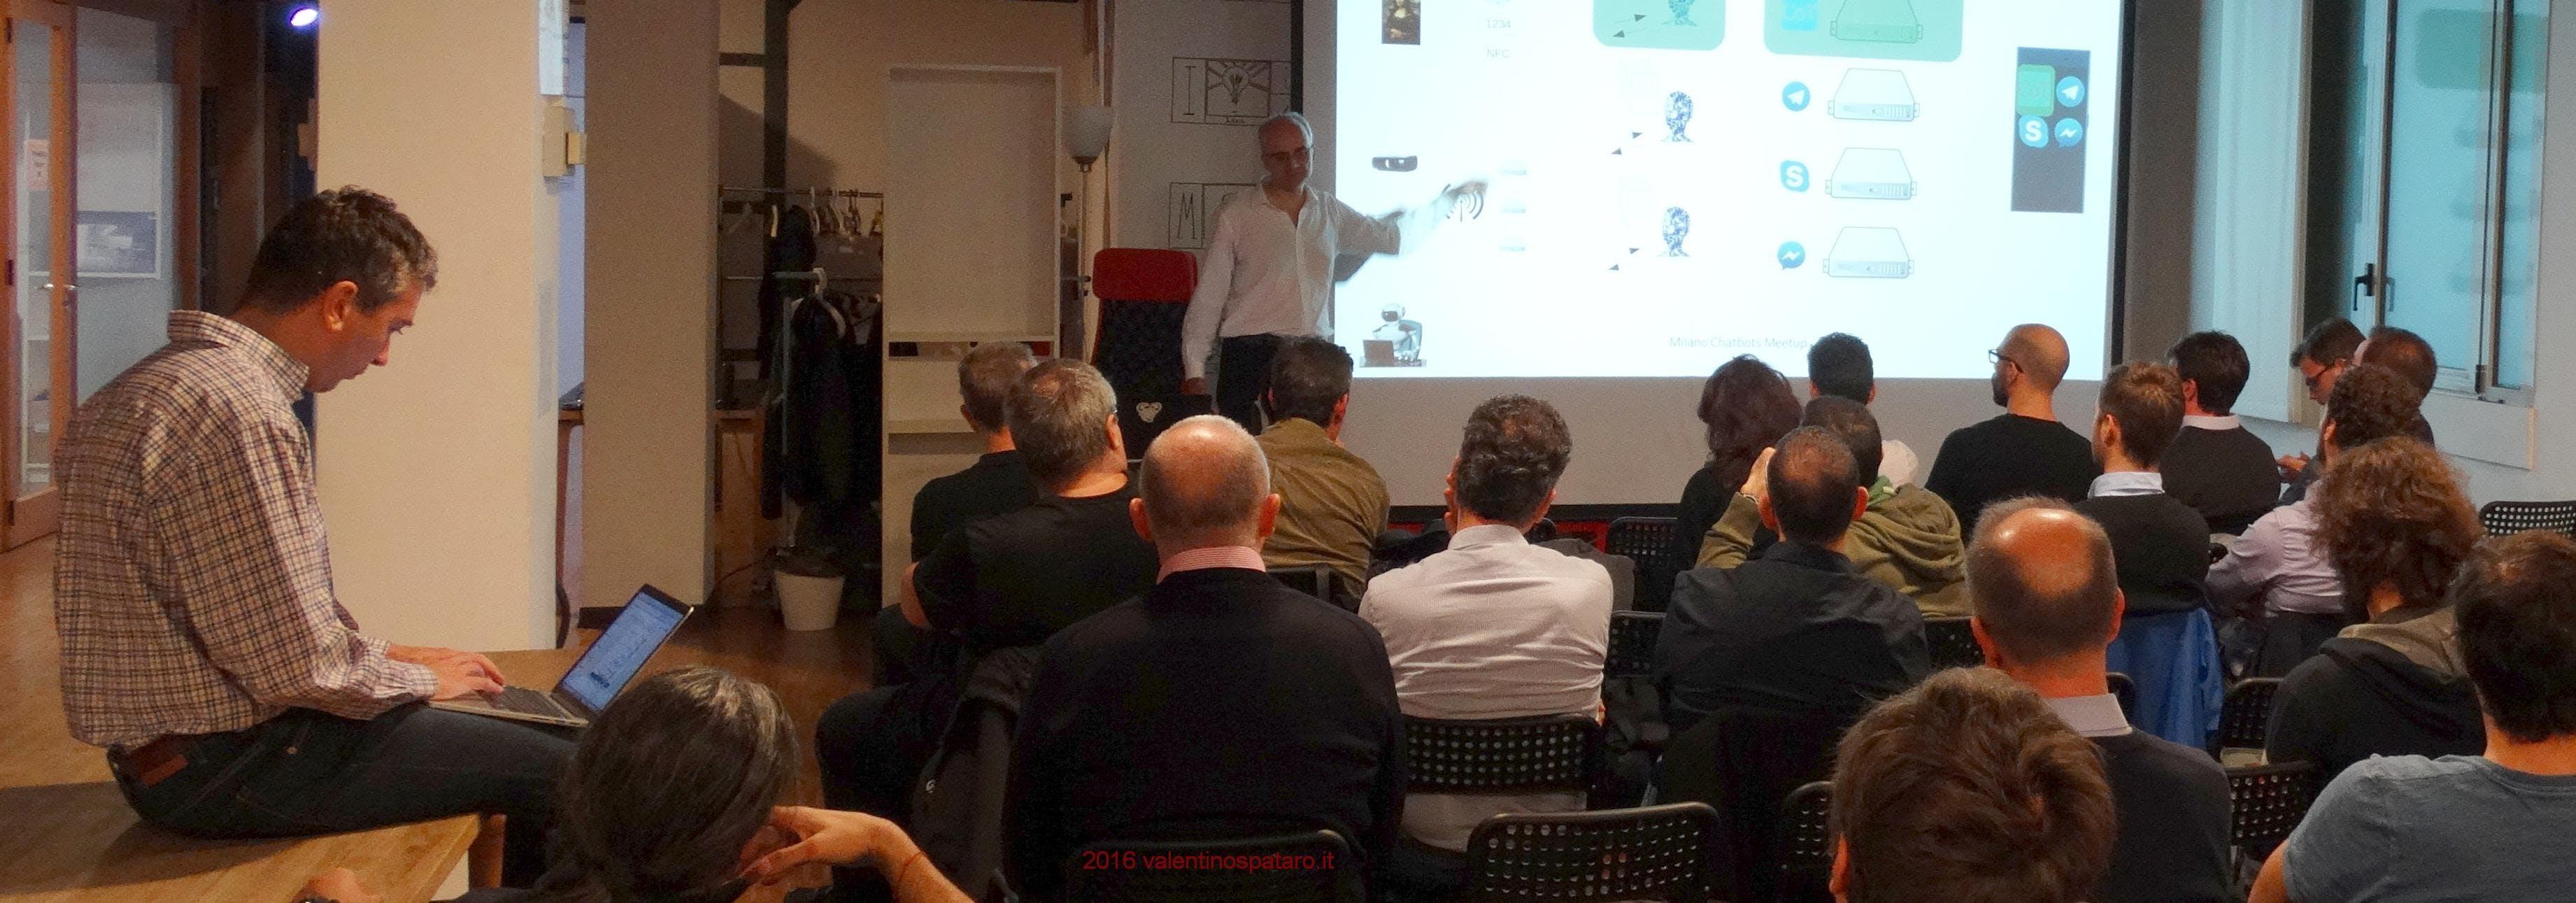 Workshop: Come parlare in pubblico